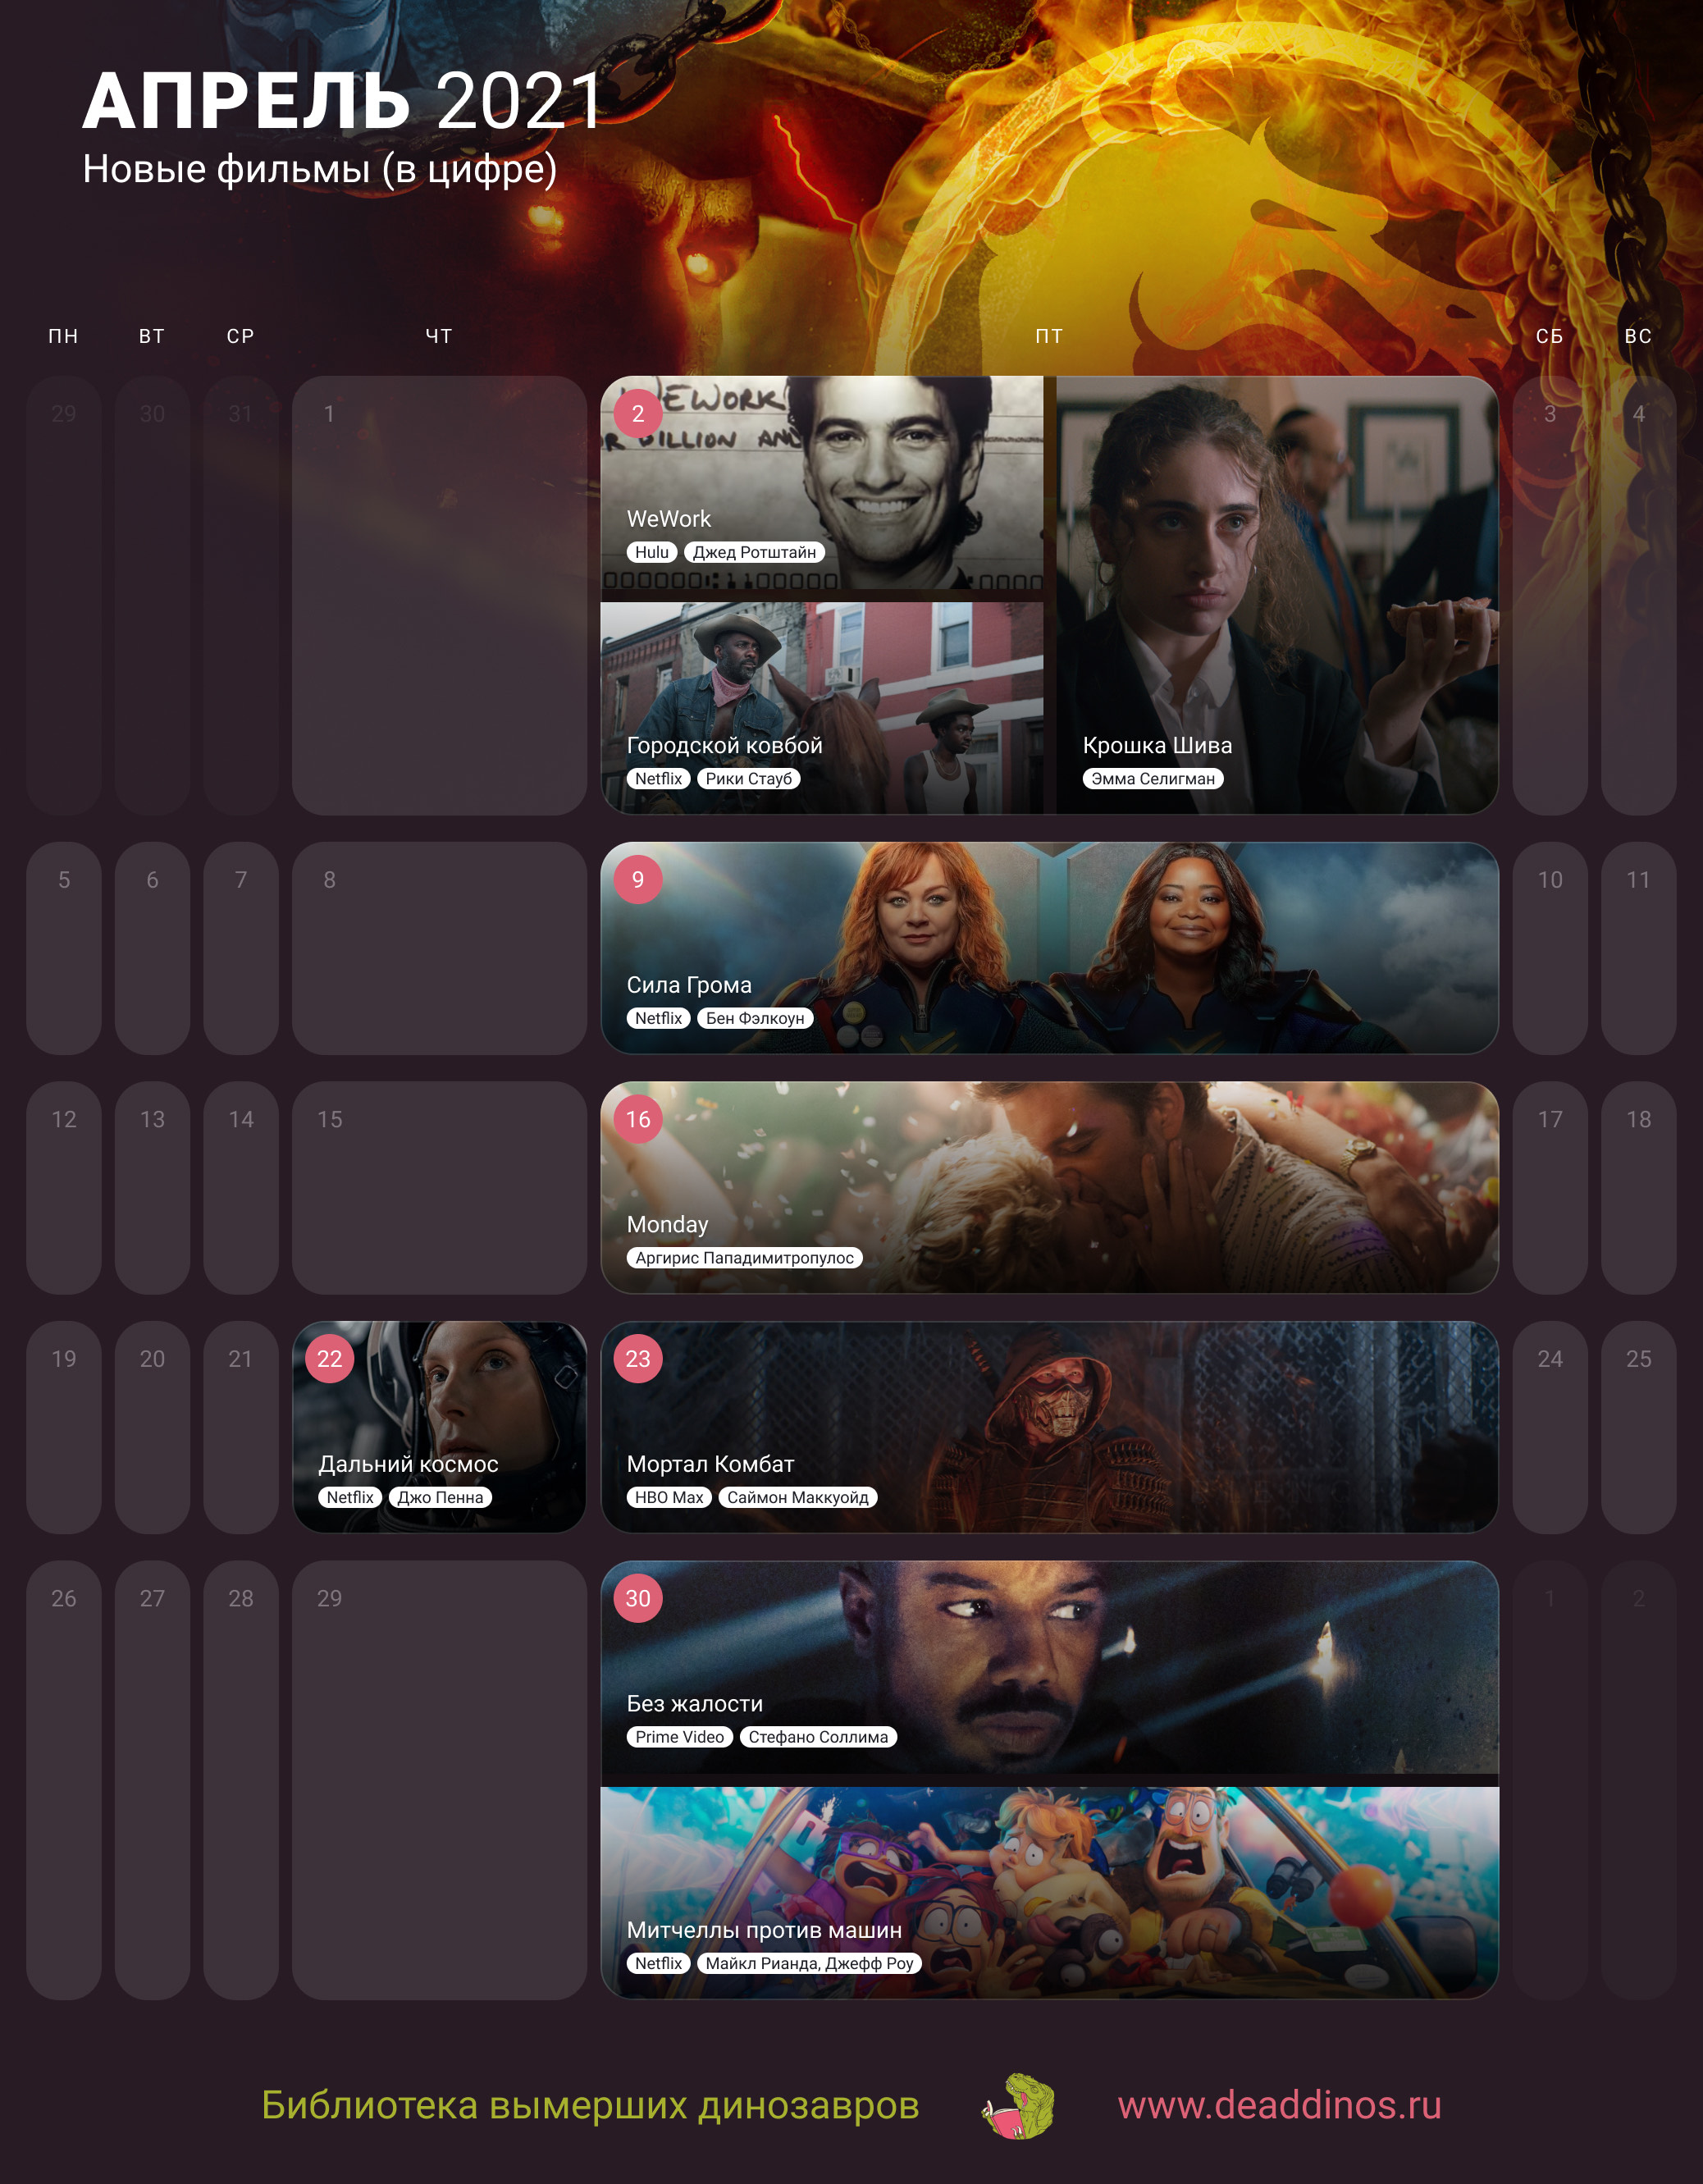 Фильмы в цифре